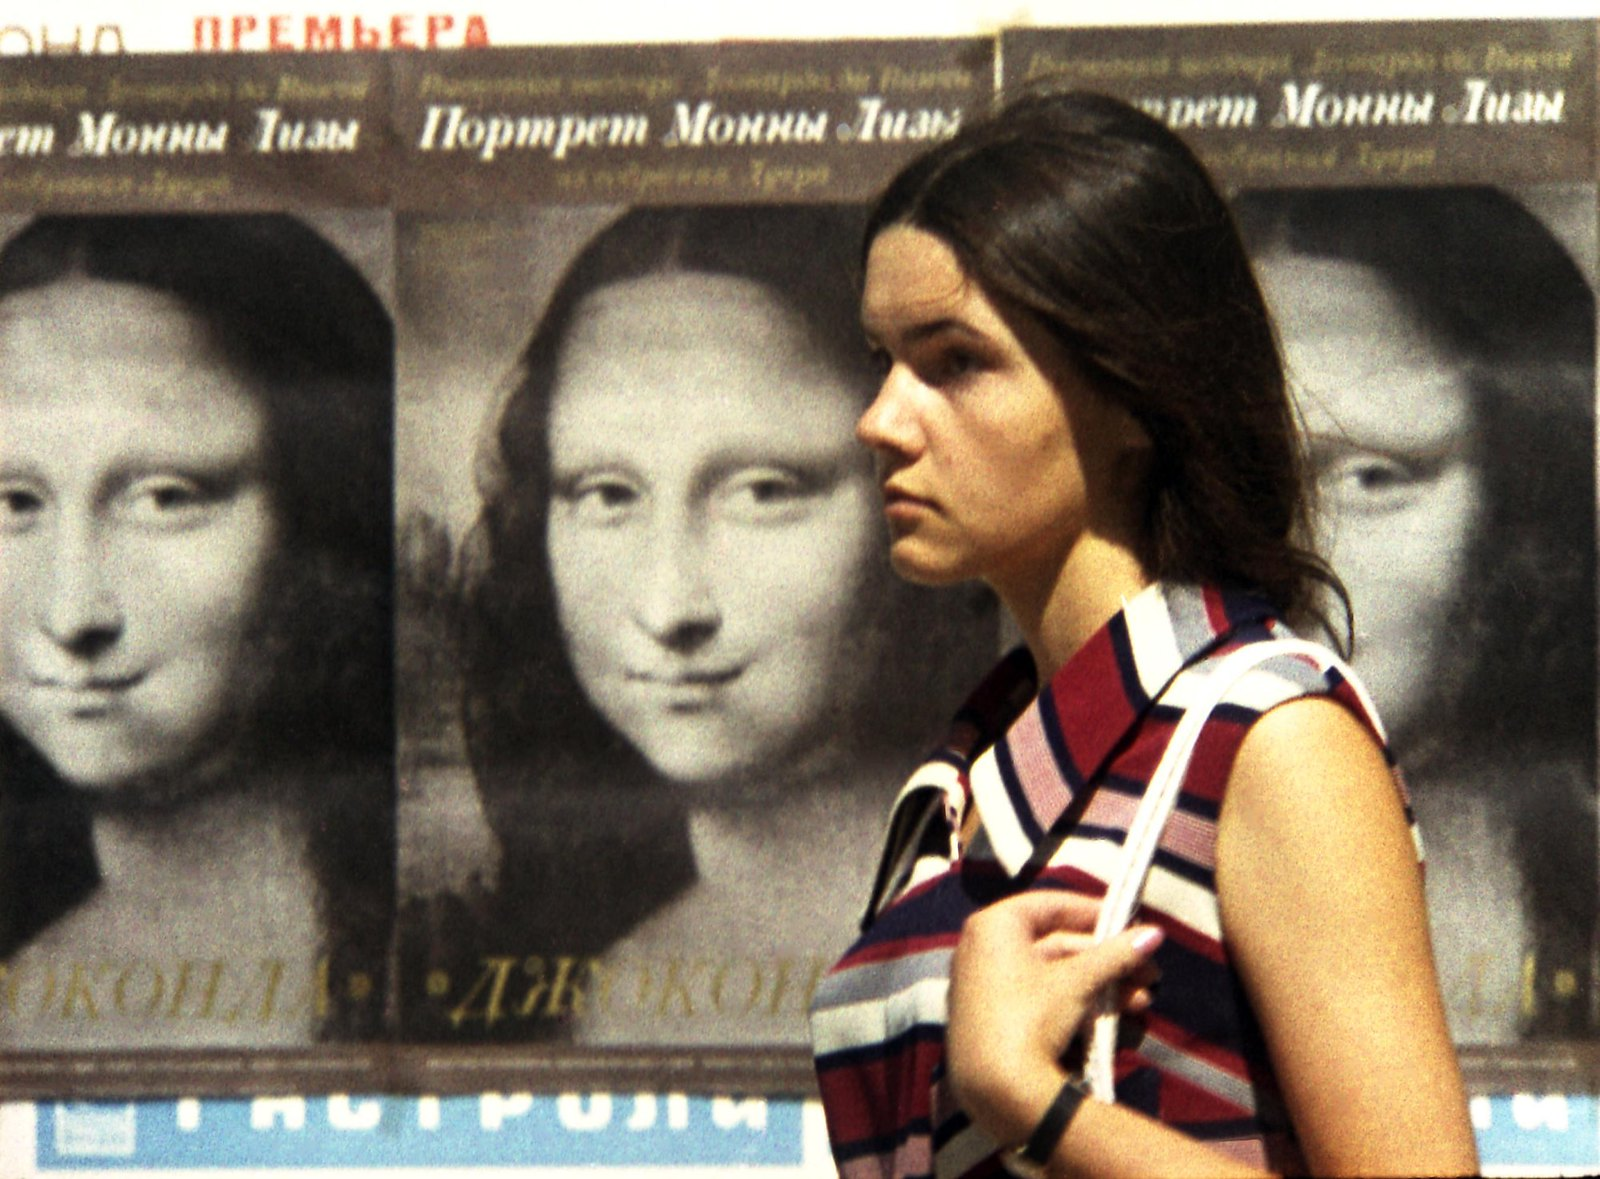 1974. Очередь к Джоконде. Женский портрет. апрель